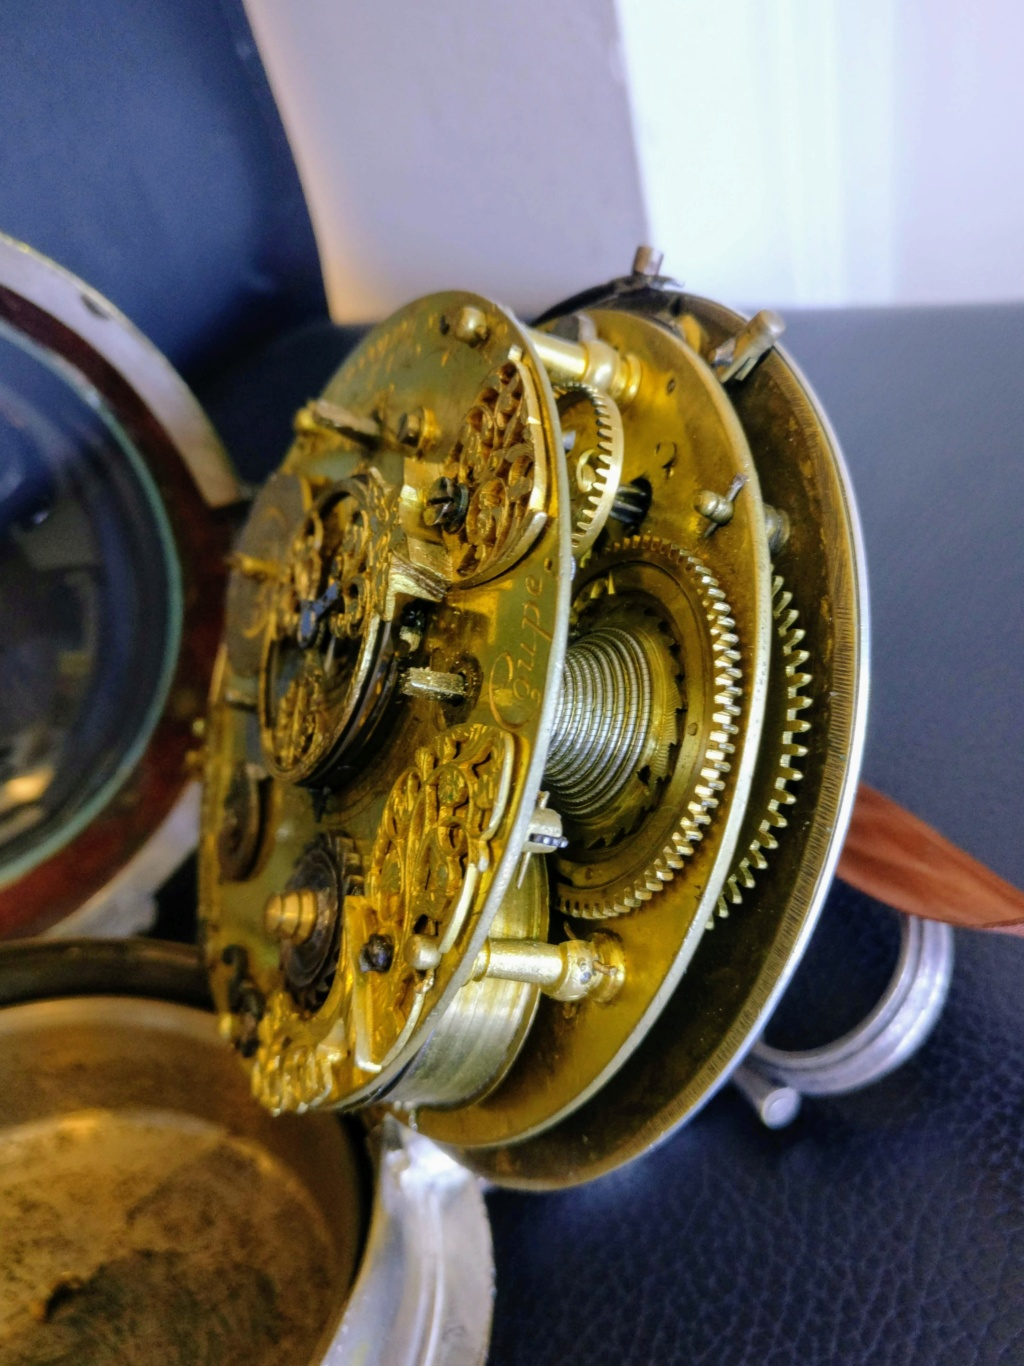 Relógio do Dia - Página 3 Img_2012